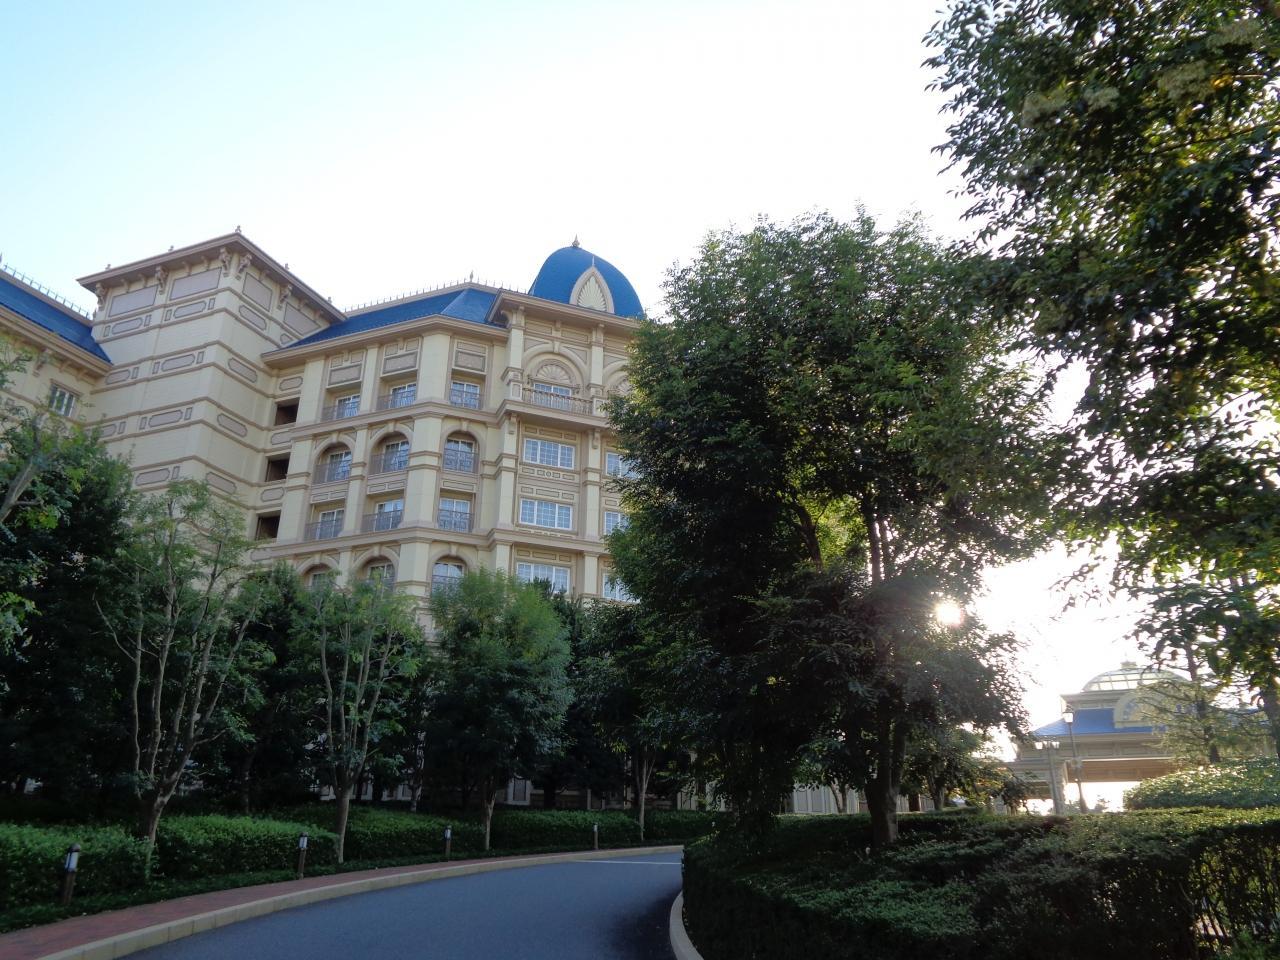 ディズニーランドホテル「ディズニー シンデレラルーム」 子連れ旅行記